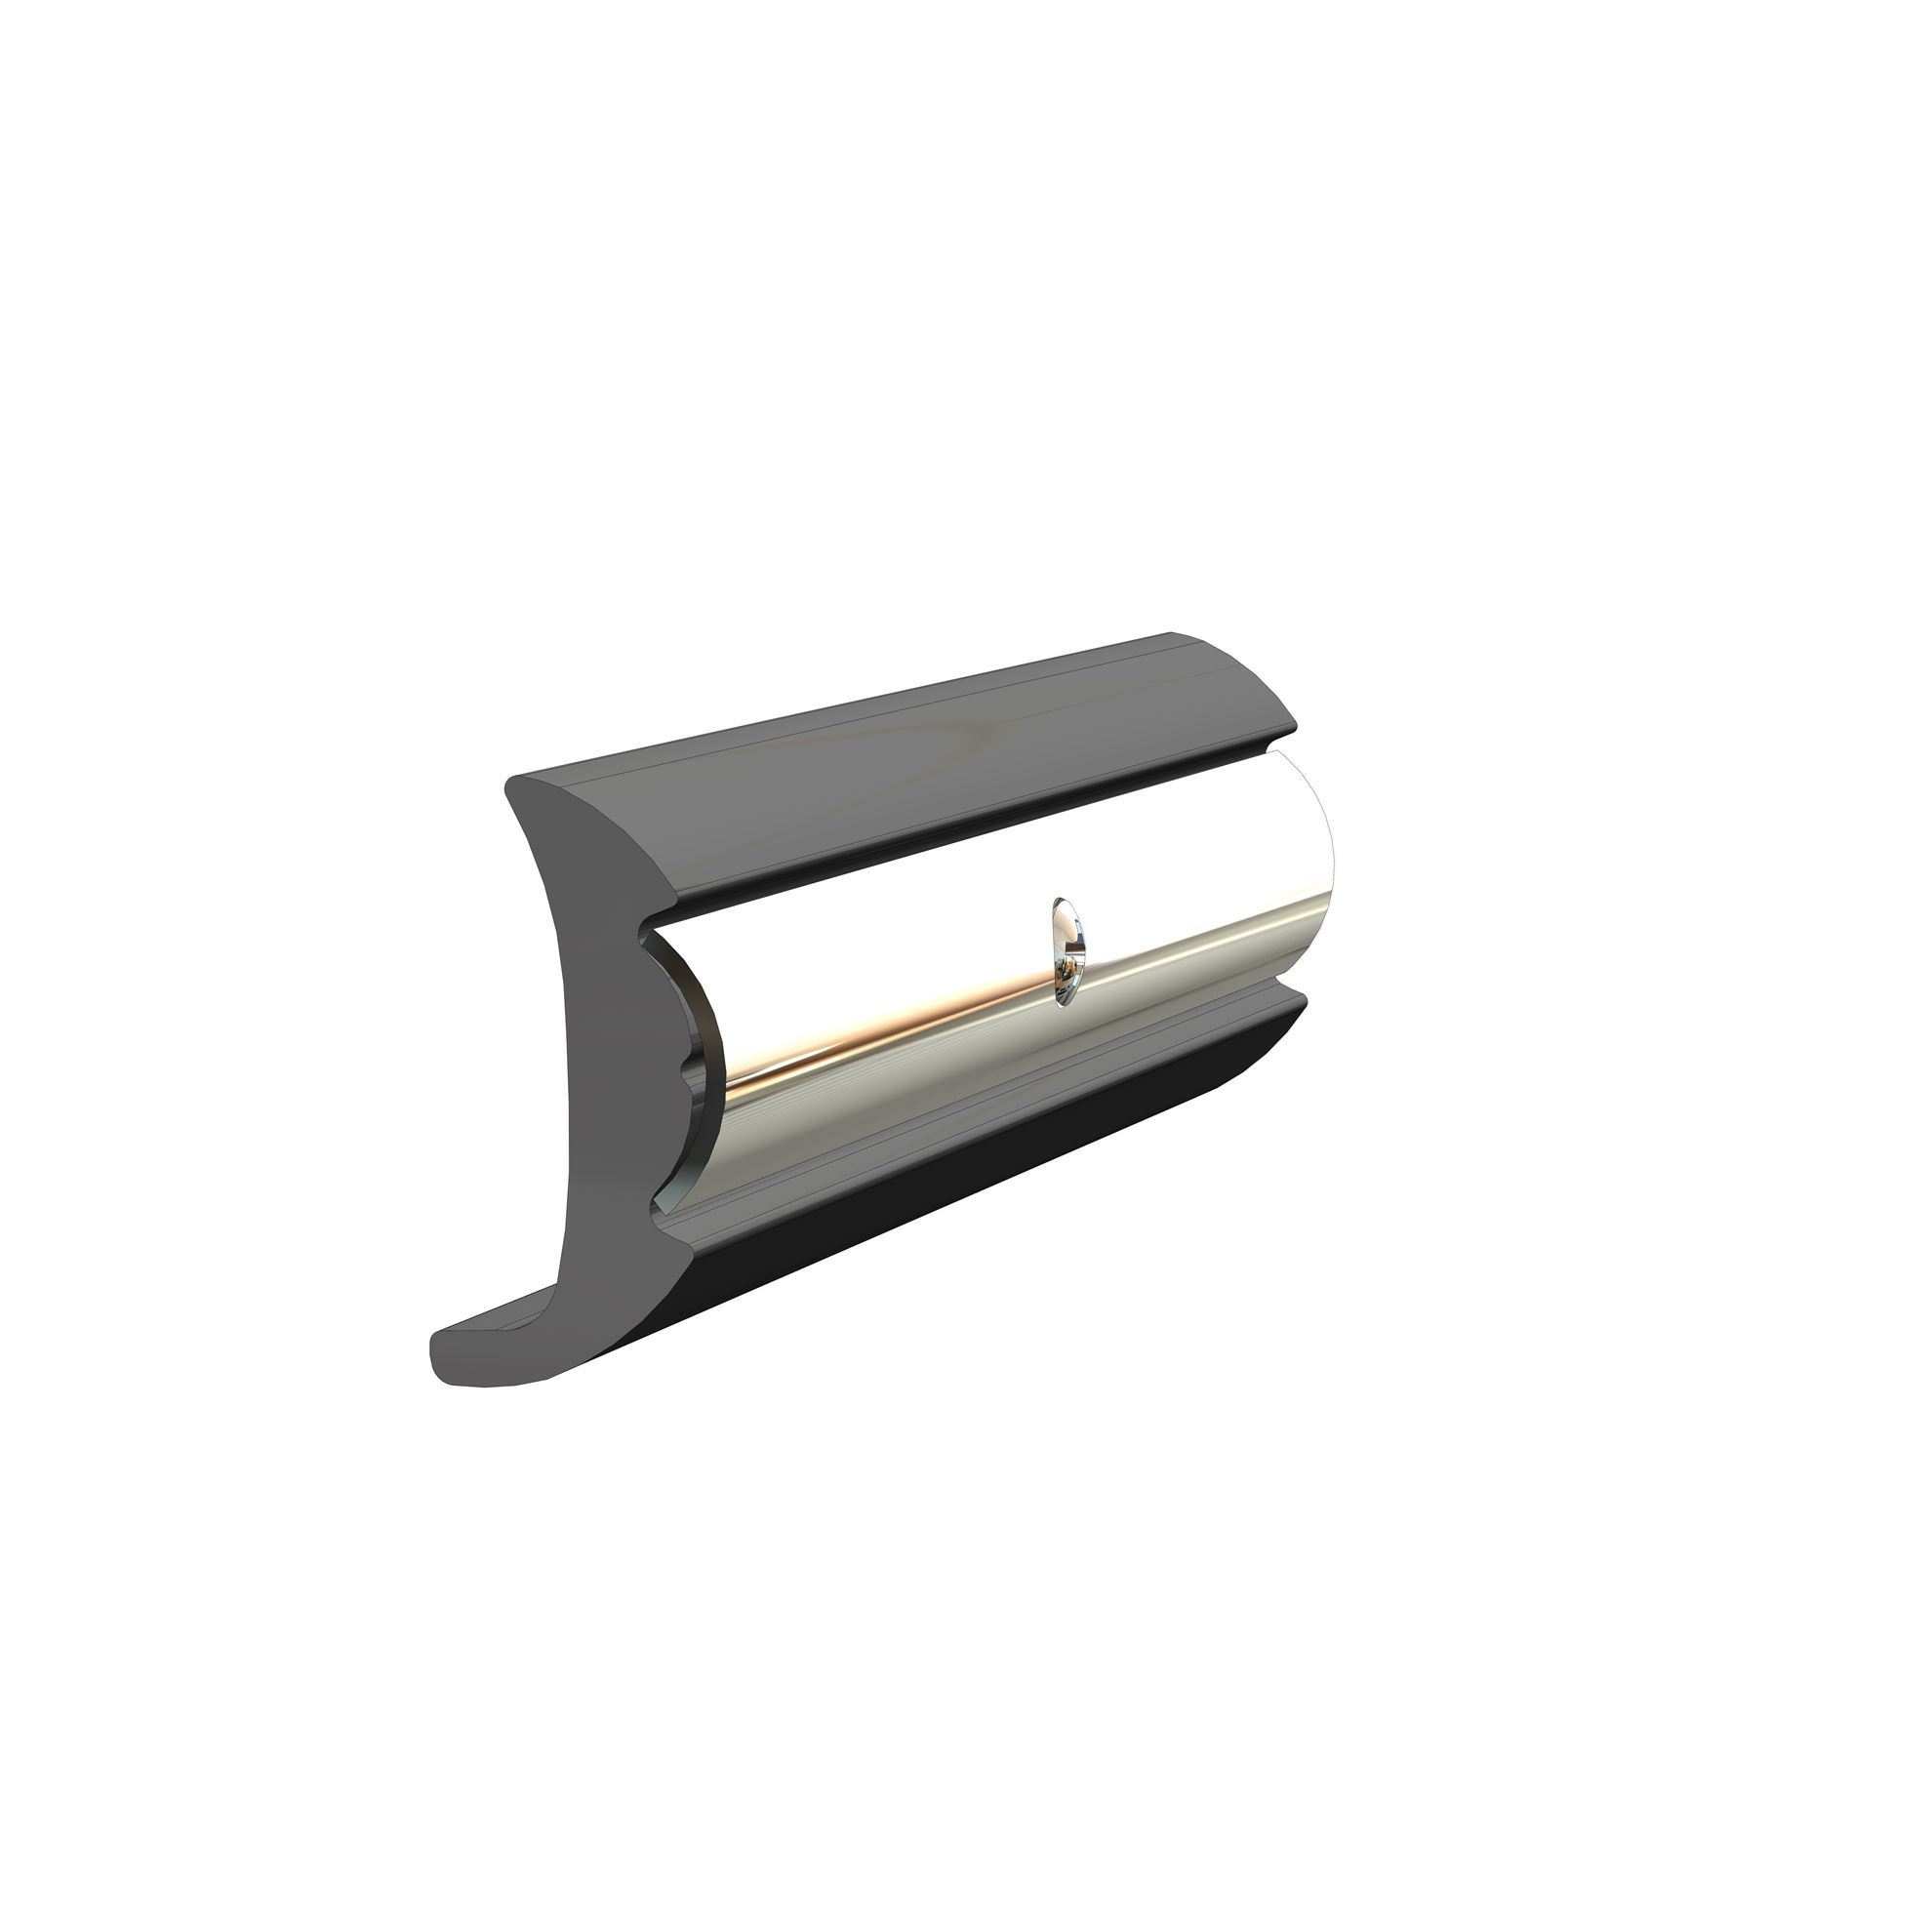 TACO Marine V21-9951 Rigid Vinyl Rub Rail 1-9/16'' X 3/4'', black